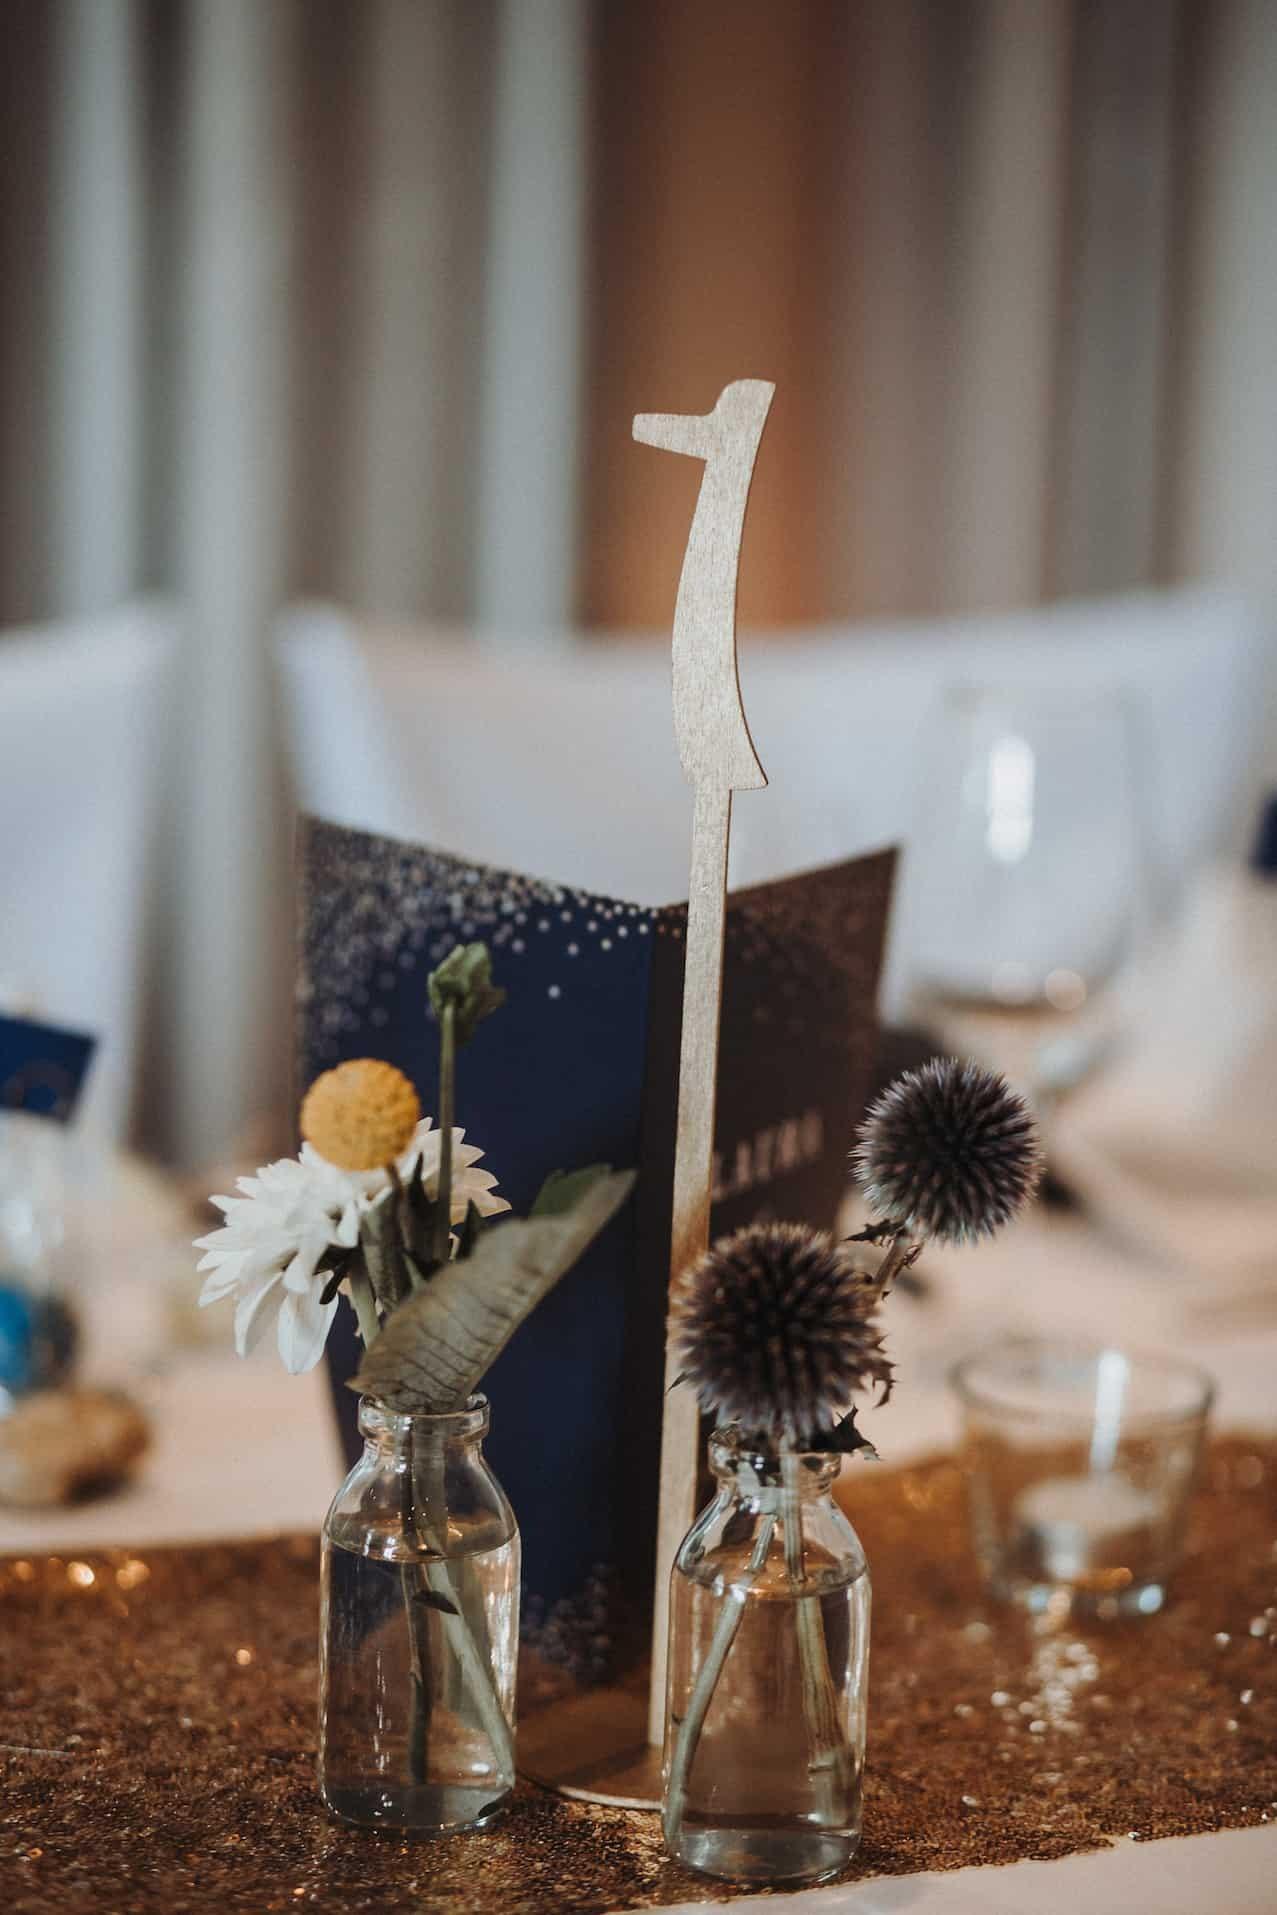 Hochzeit von Sabrina und Michael in Münster: Tischdekoration mit Blumen